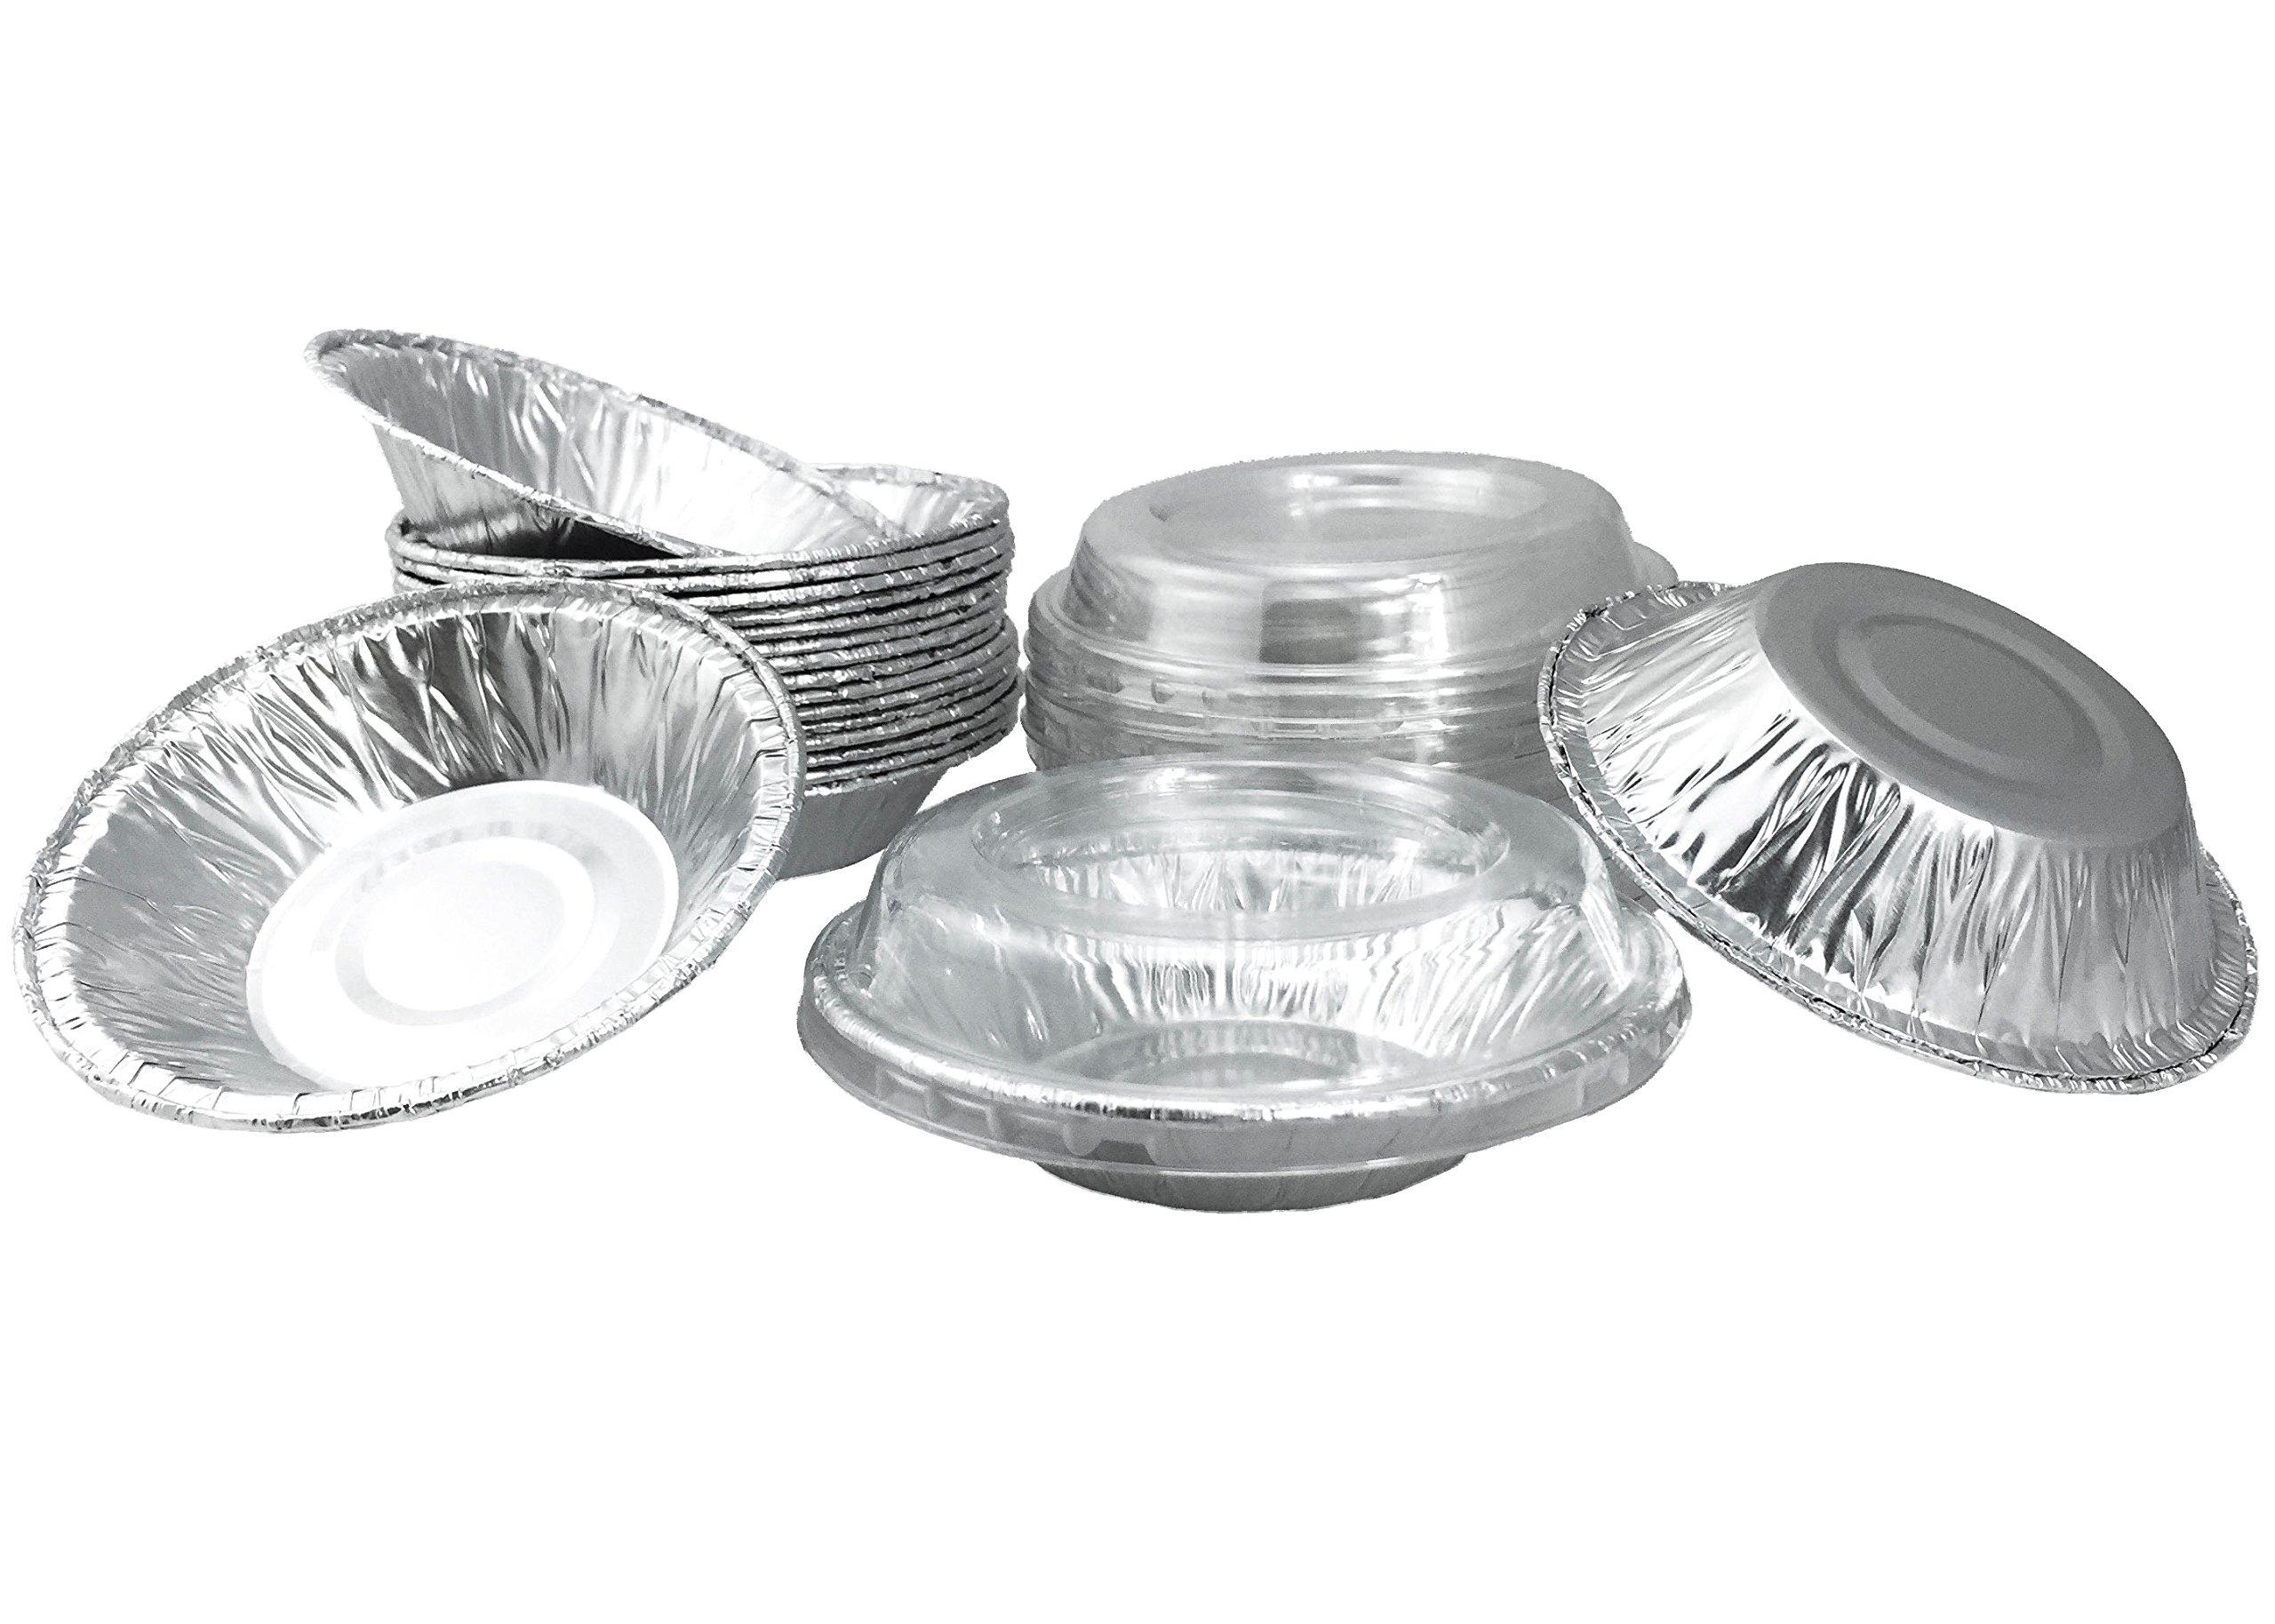 Aluminum Foil Mini Pie Pans 3-1/2'' For Pie/Tart Pans, Mini Pot Pies And Pastries With Lids 20 Sets.